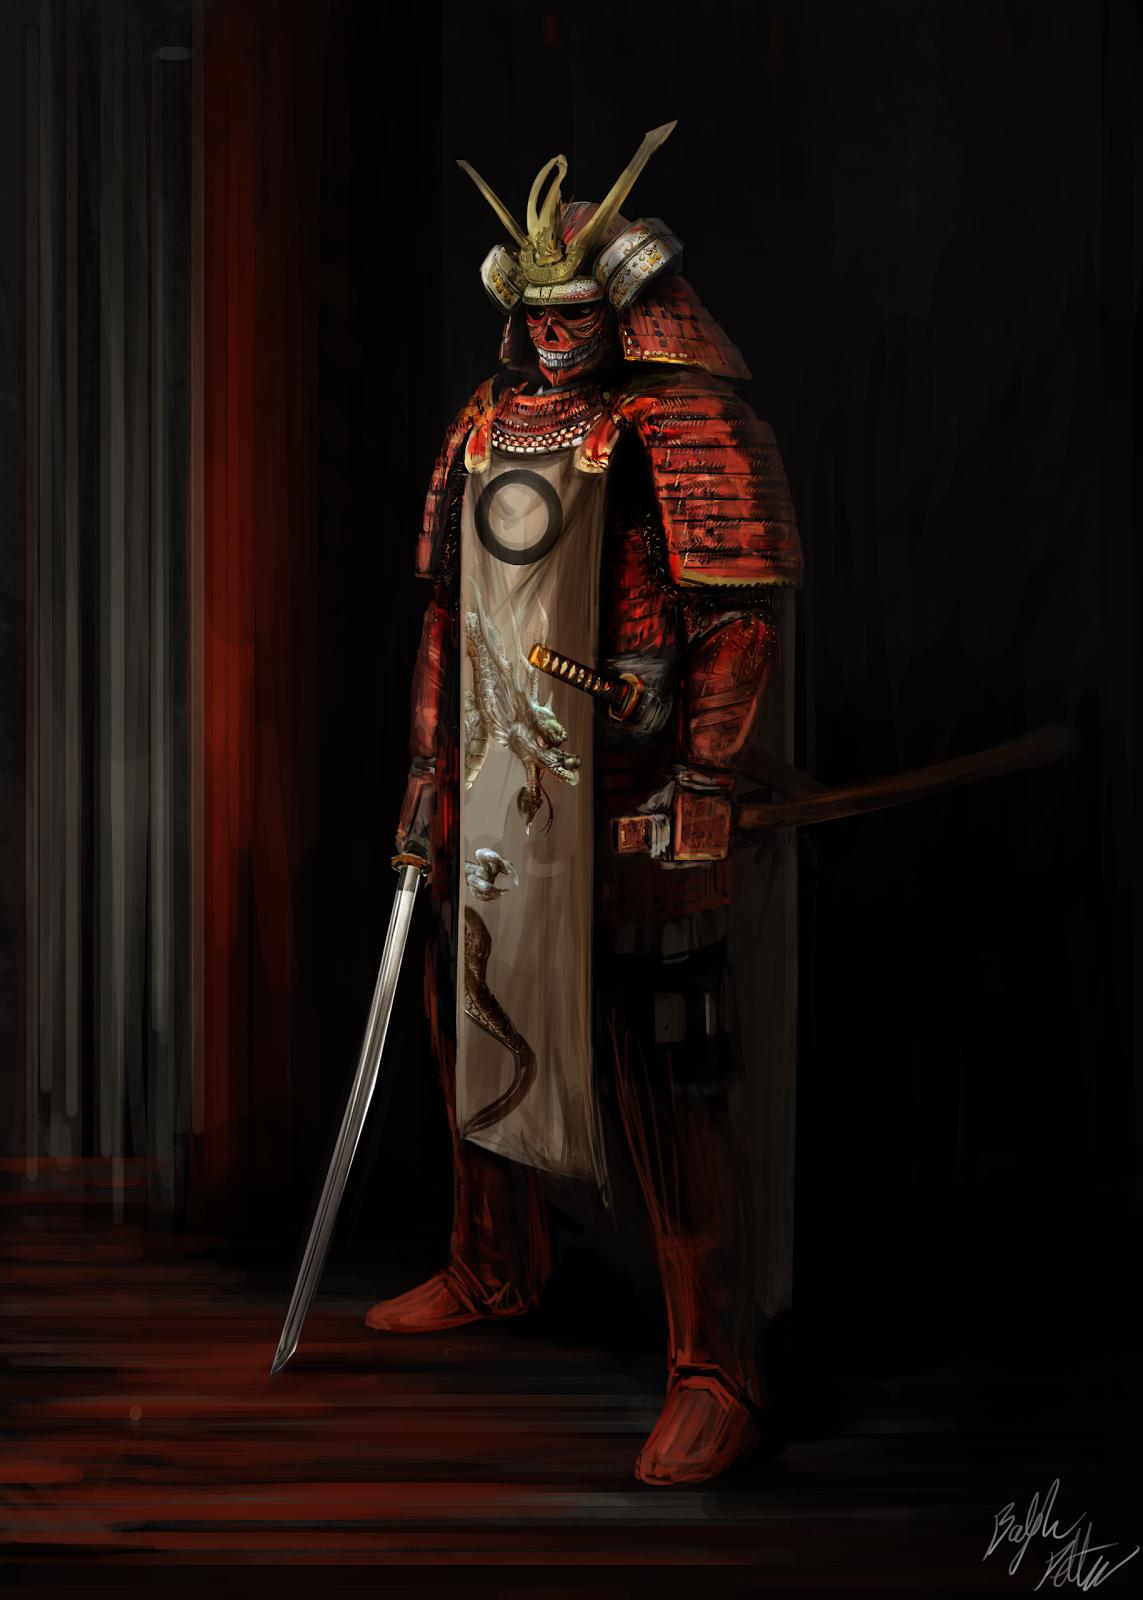 Armored Dragon Art a Concept Art of a Dragon